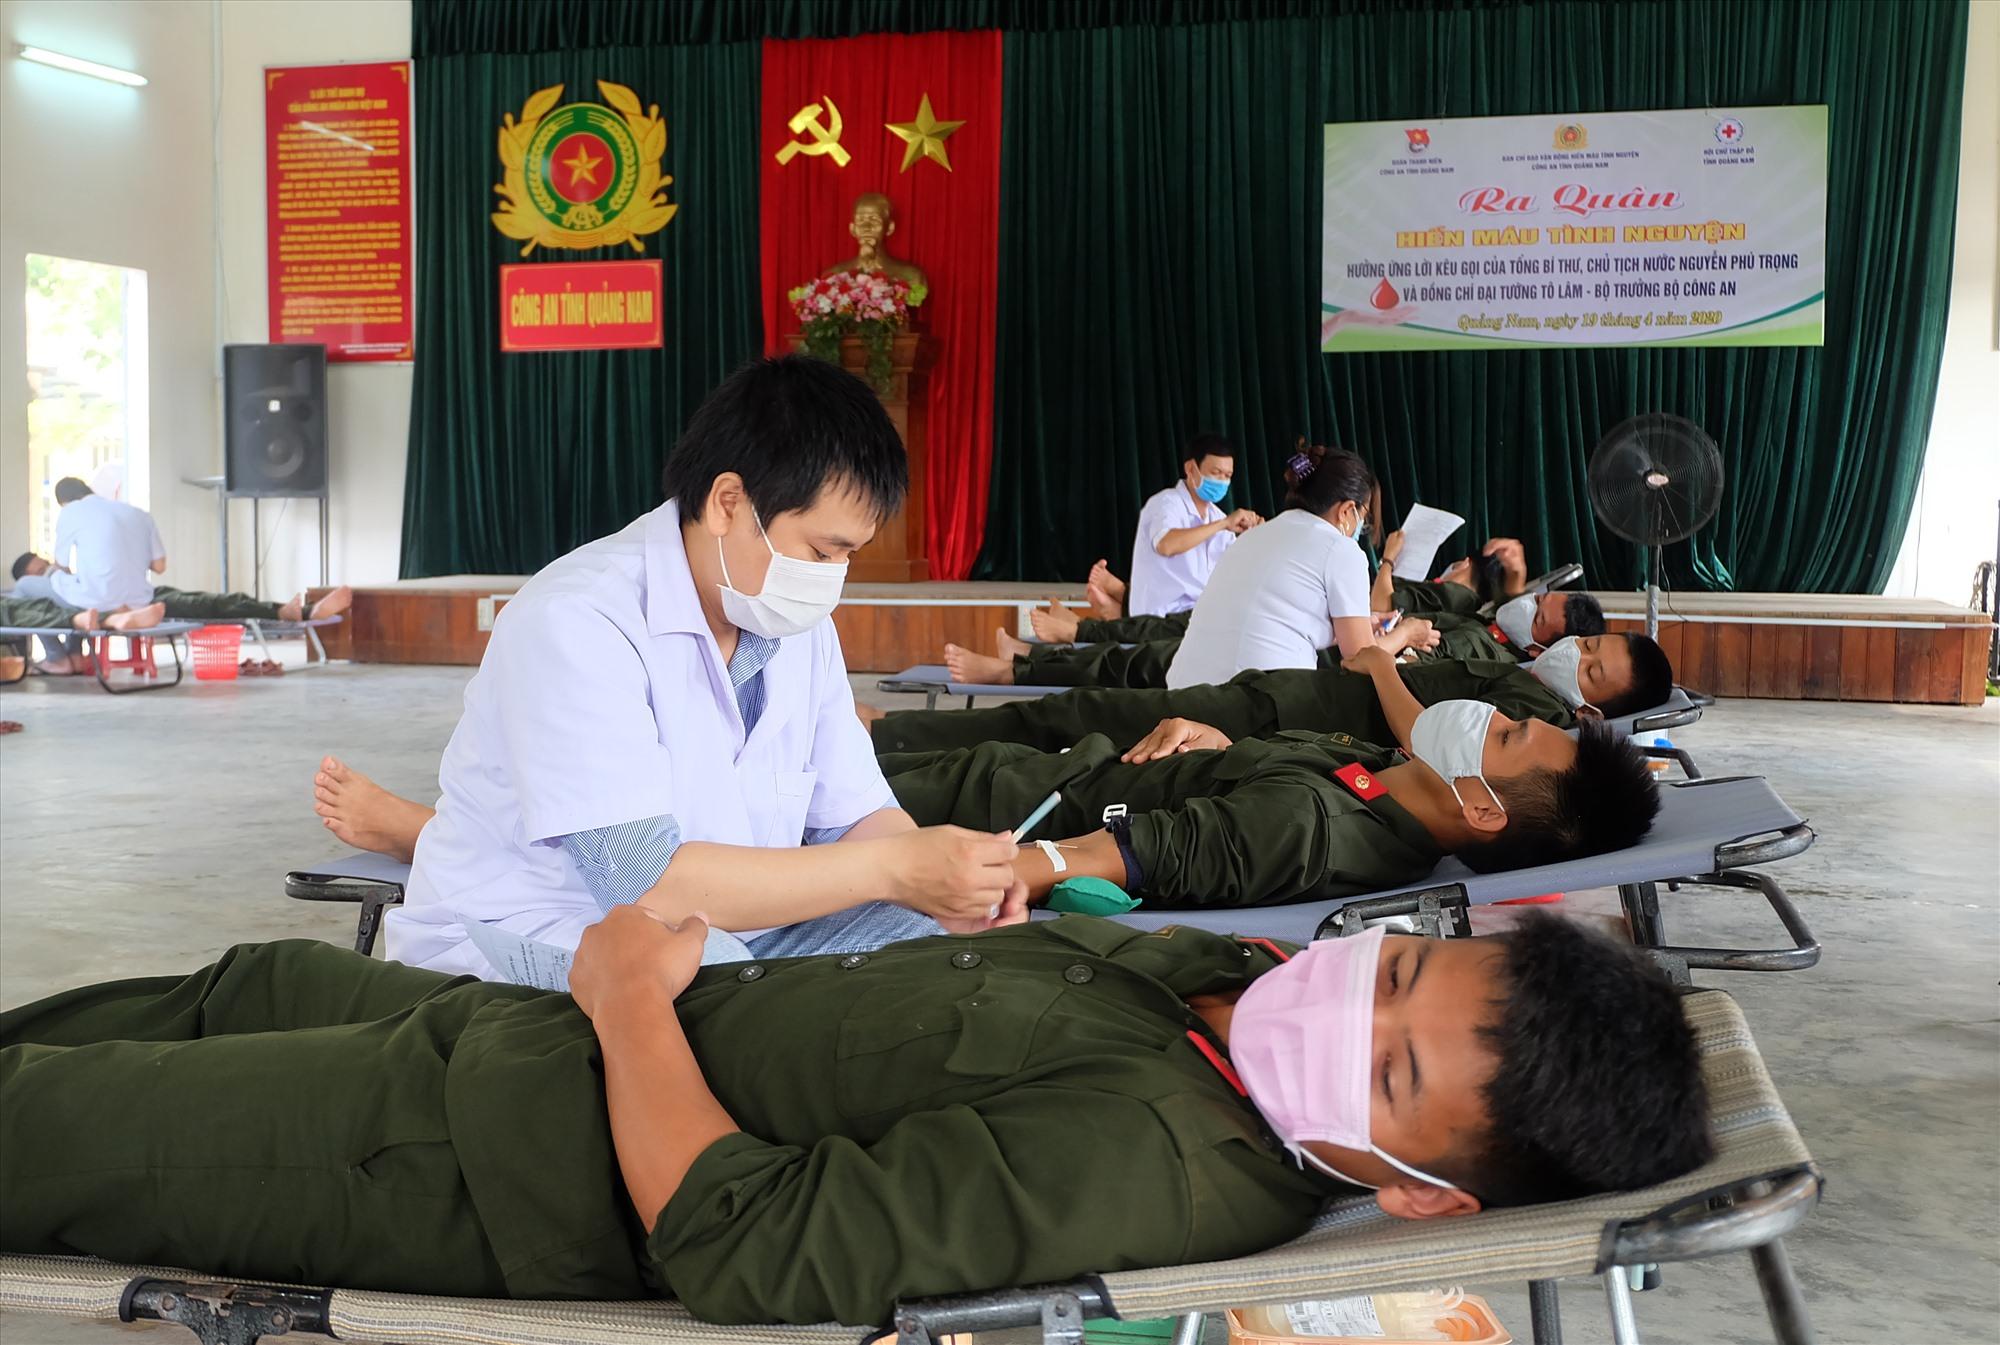 Đoàn viên thanh niên Công an tỉnh tham gia phong trào Hiến máu tình nguyện mùa Covid-19. Ảnh: MỸ LINH